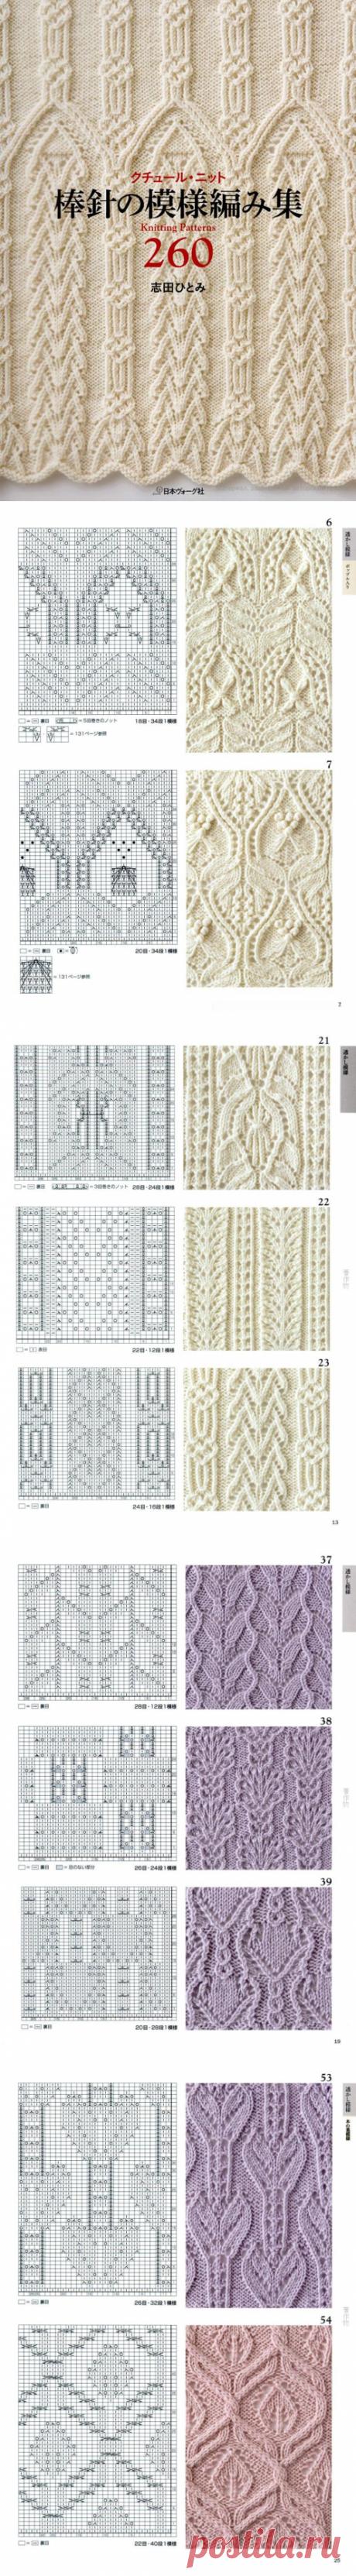 260 patterns spokes